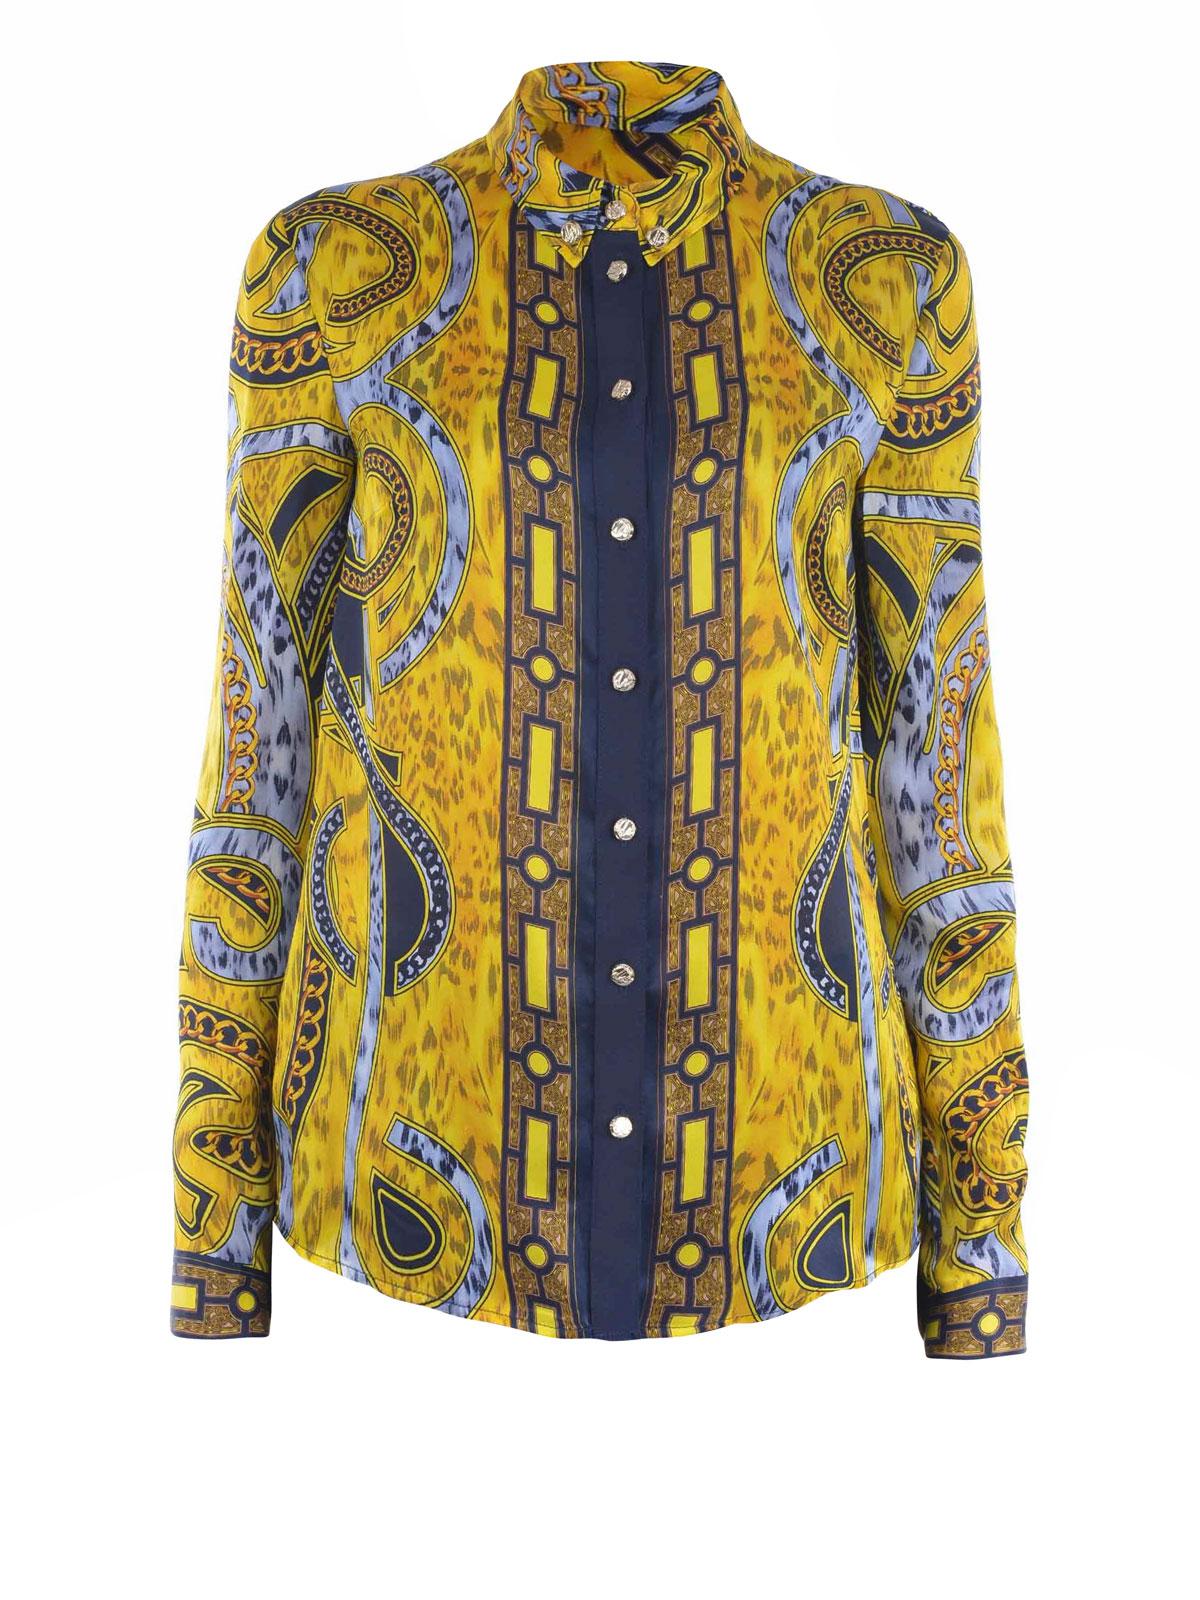 Versace - PRINTED SILK CLASSIC SHIRT - shirts - BOHMB610 ...